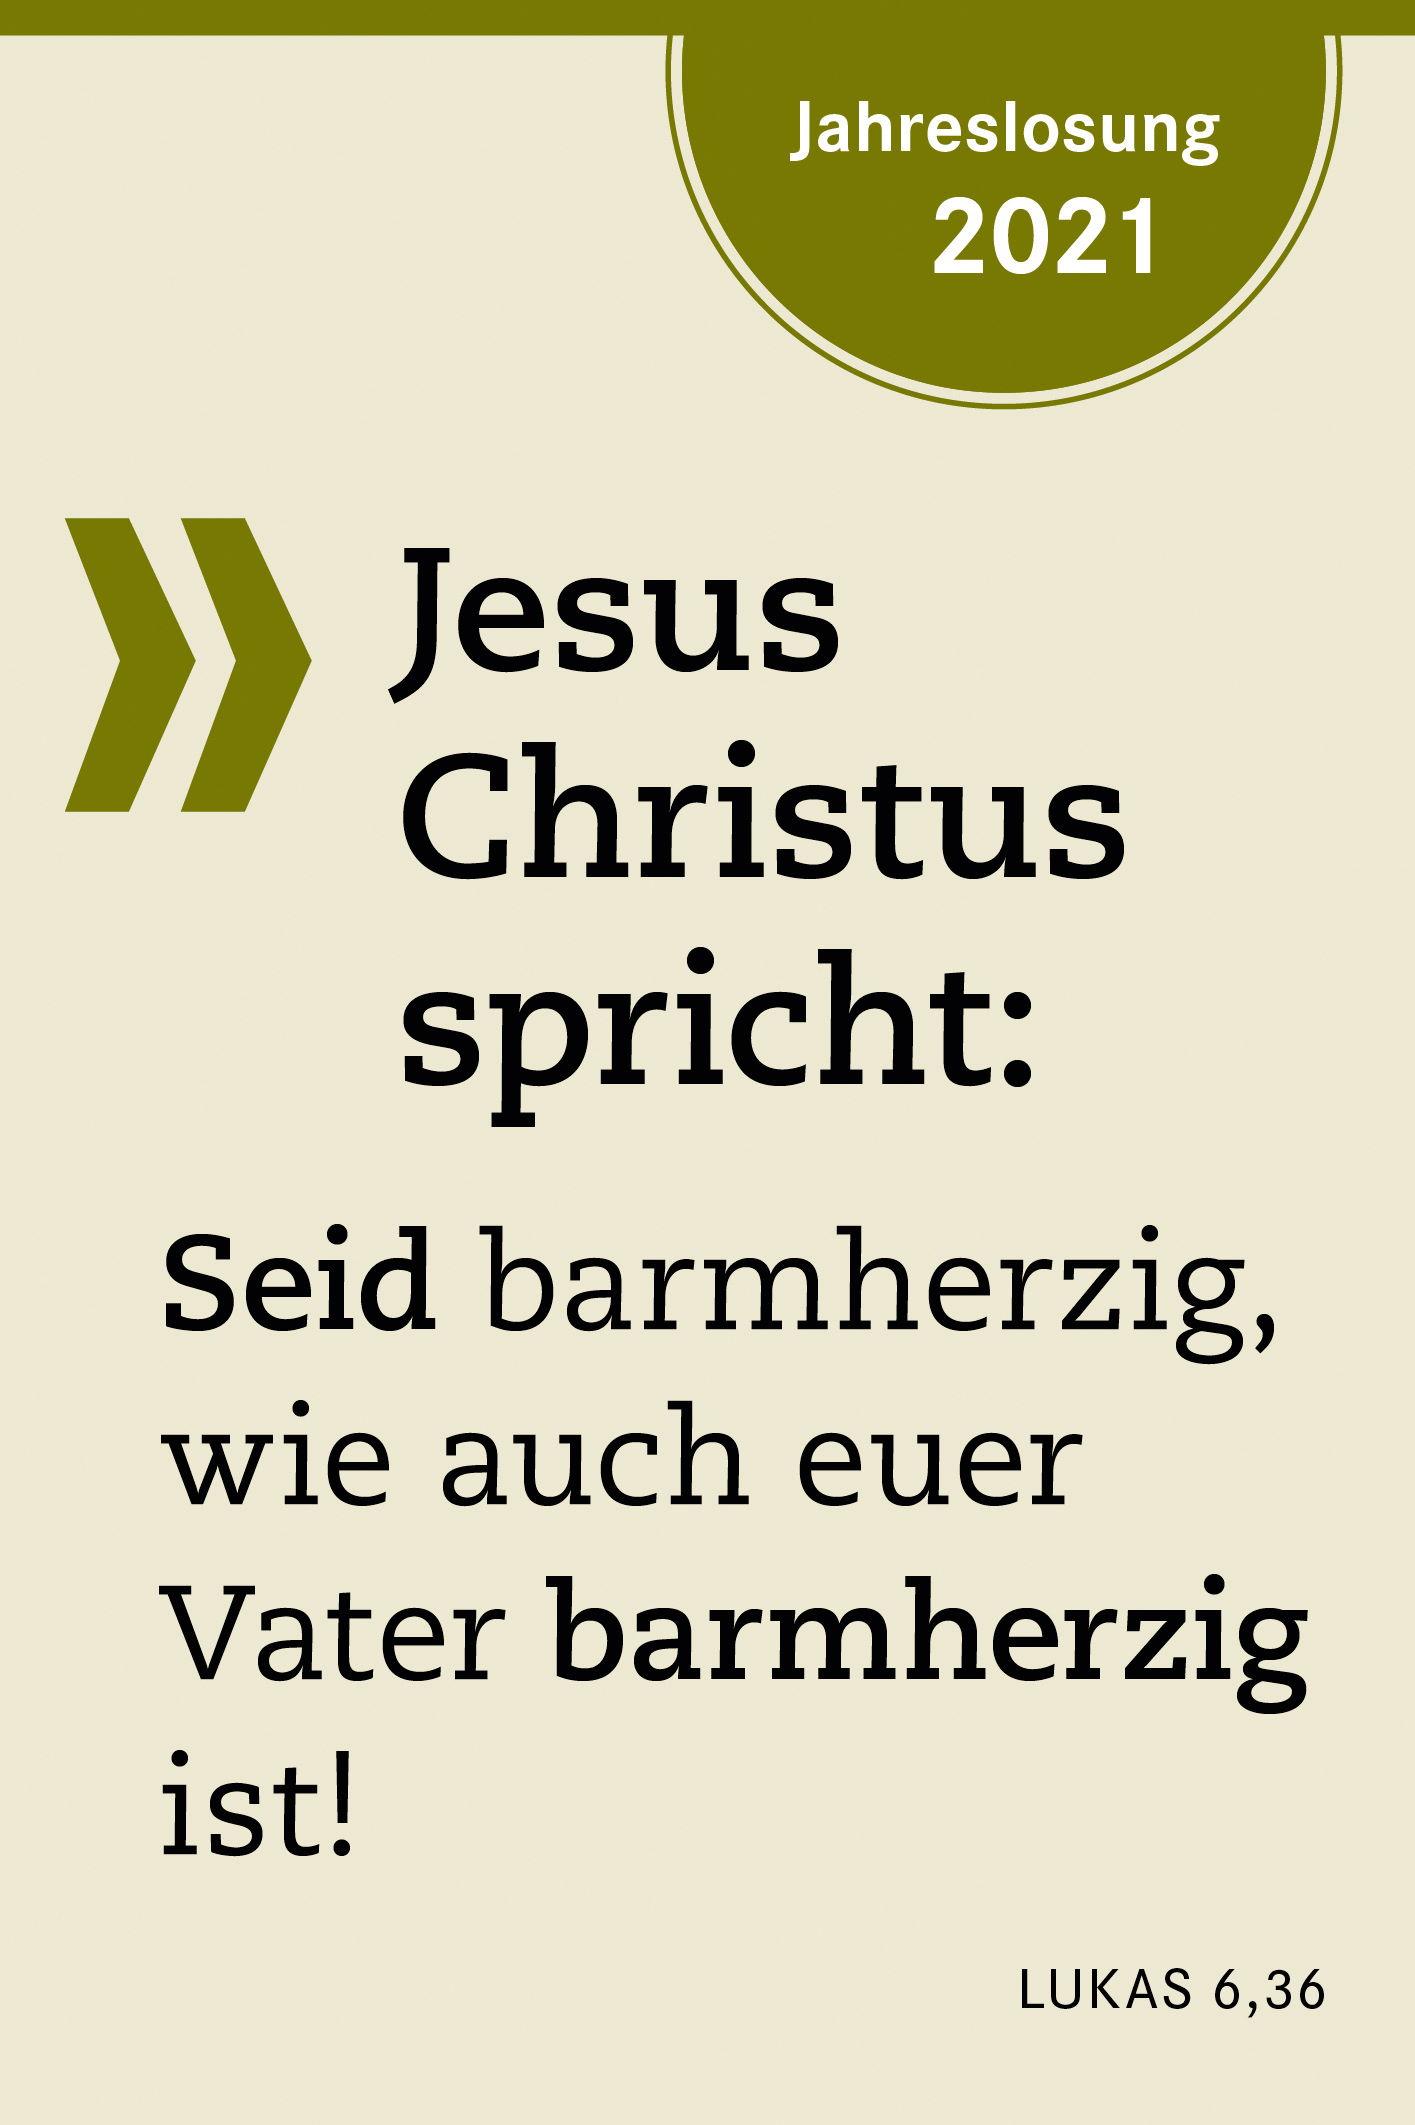 Jesus Christus spricht: Seid barmherzig, wie auch euer Vater barmherzig ist!